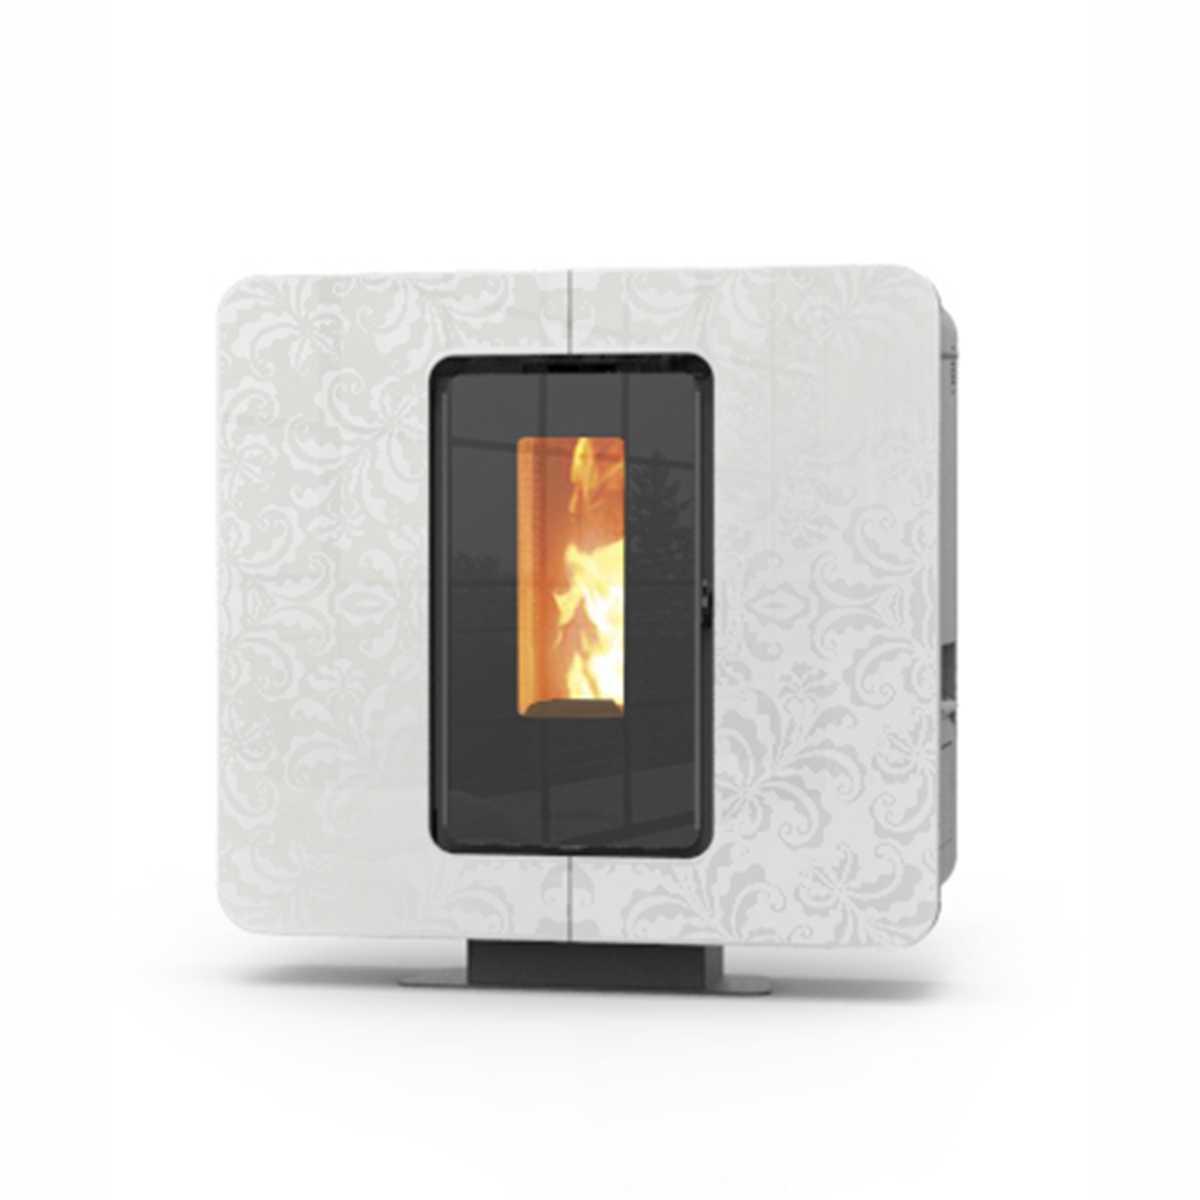 Stufa a pellet sundecor  'SlimQuadro 9 Cristallo' by Thermorossi camera di combustione in ghisa - 9,8 kW